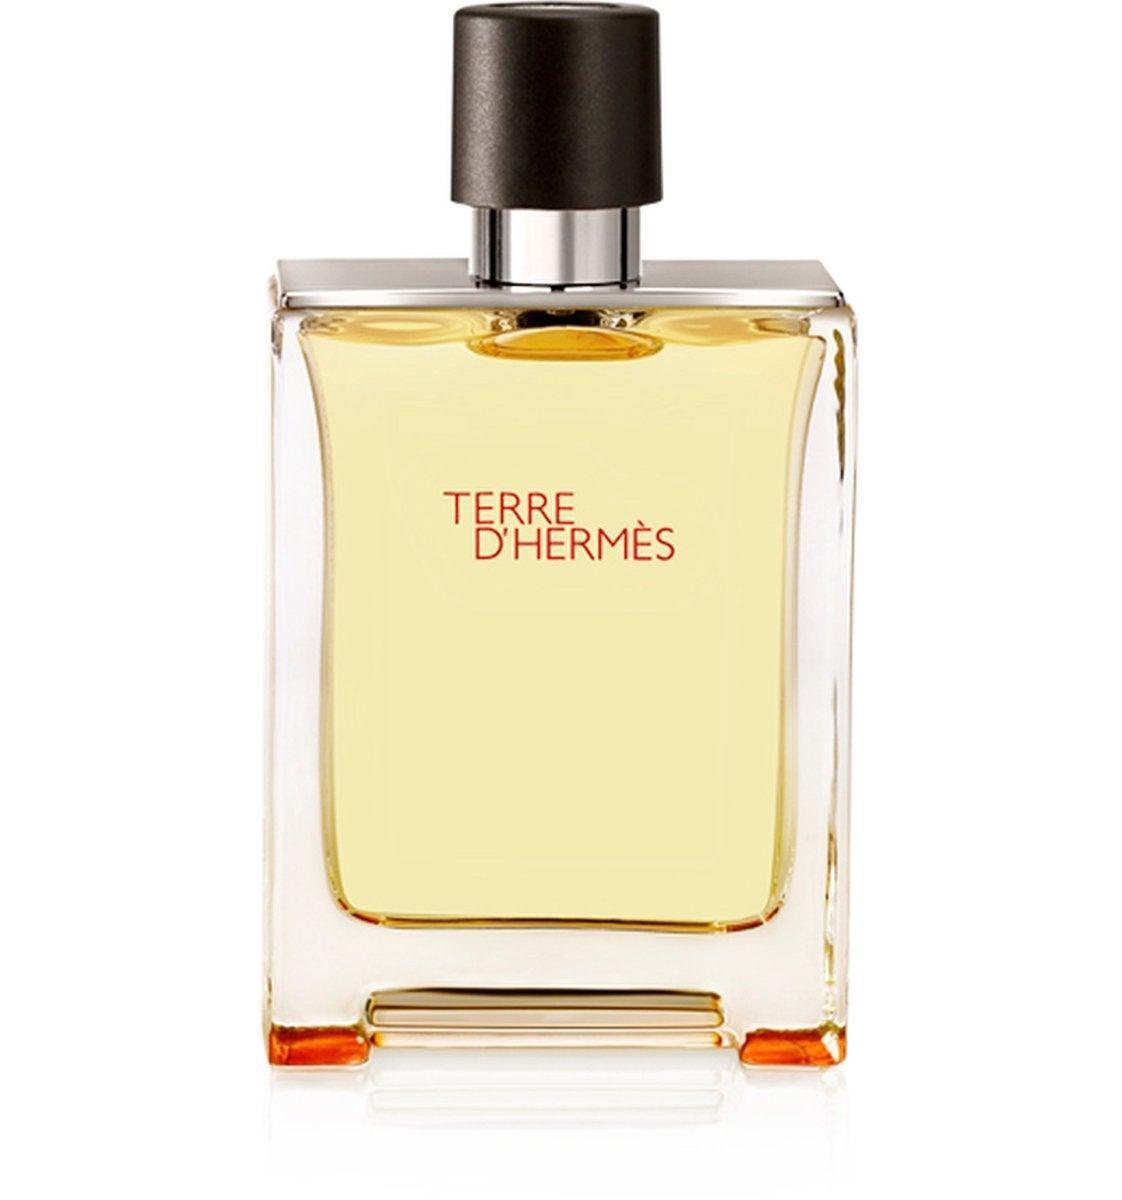 Hermes Terre DHermes 30ml EDT Men's Cologne